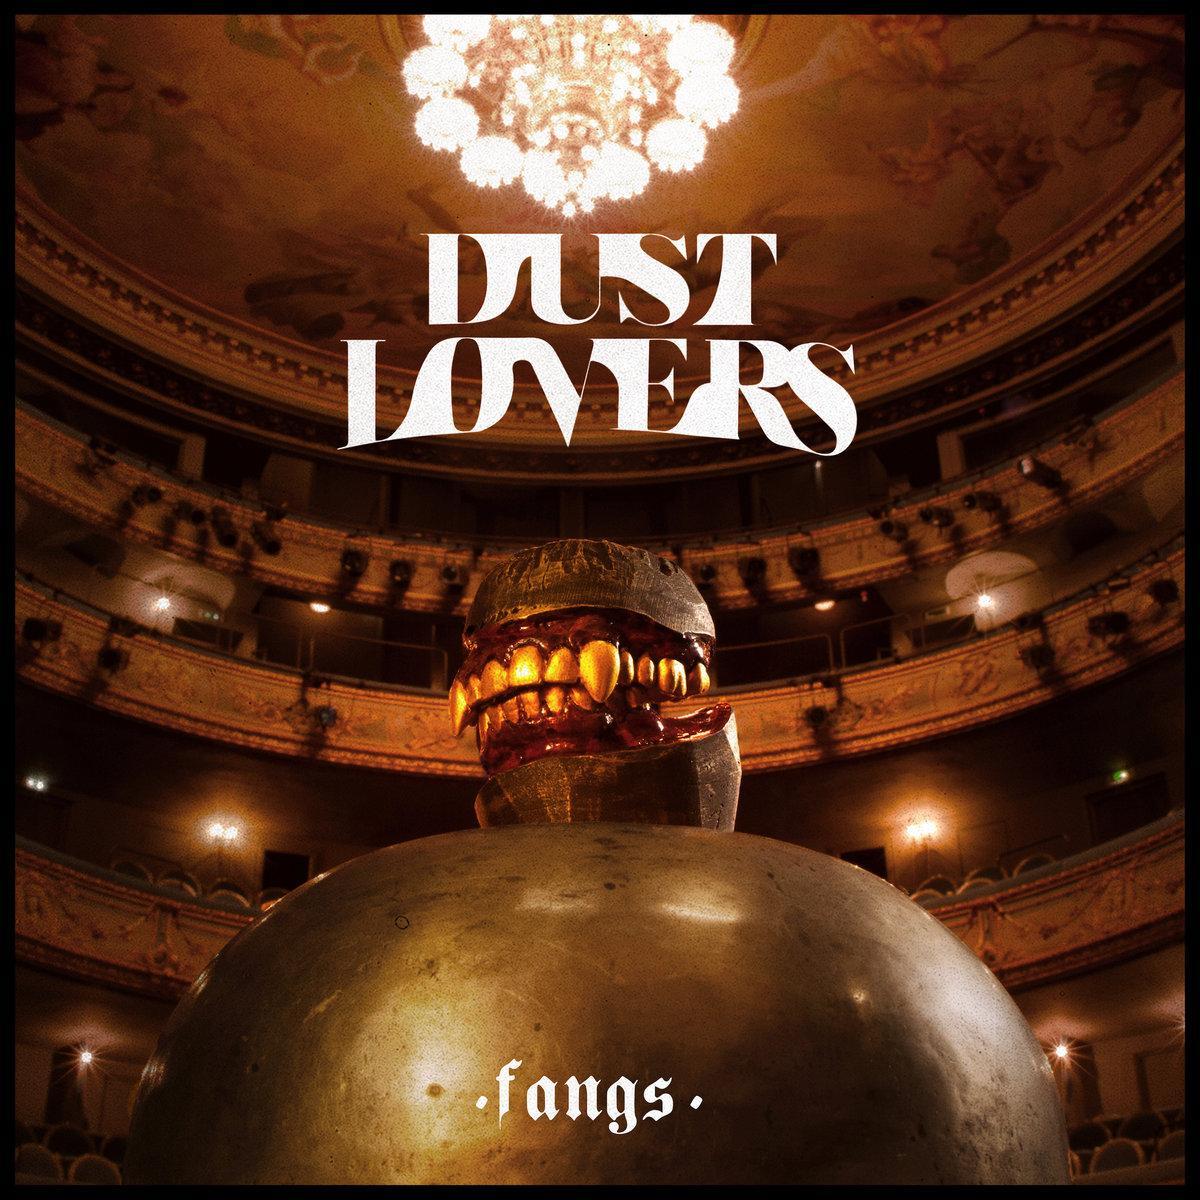 Dust lovers